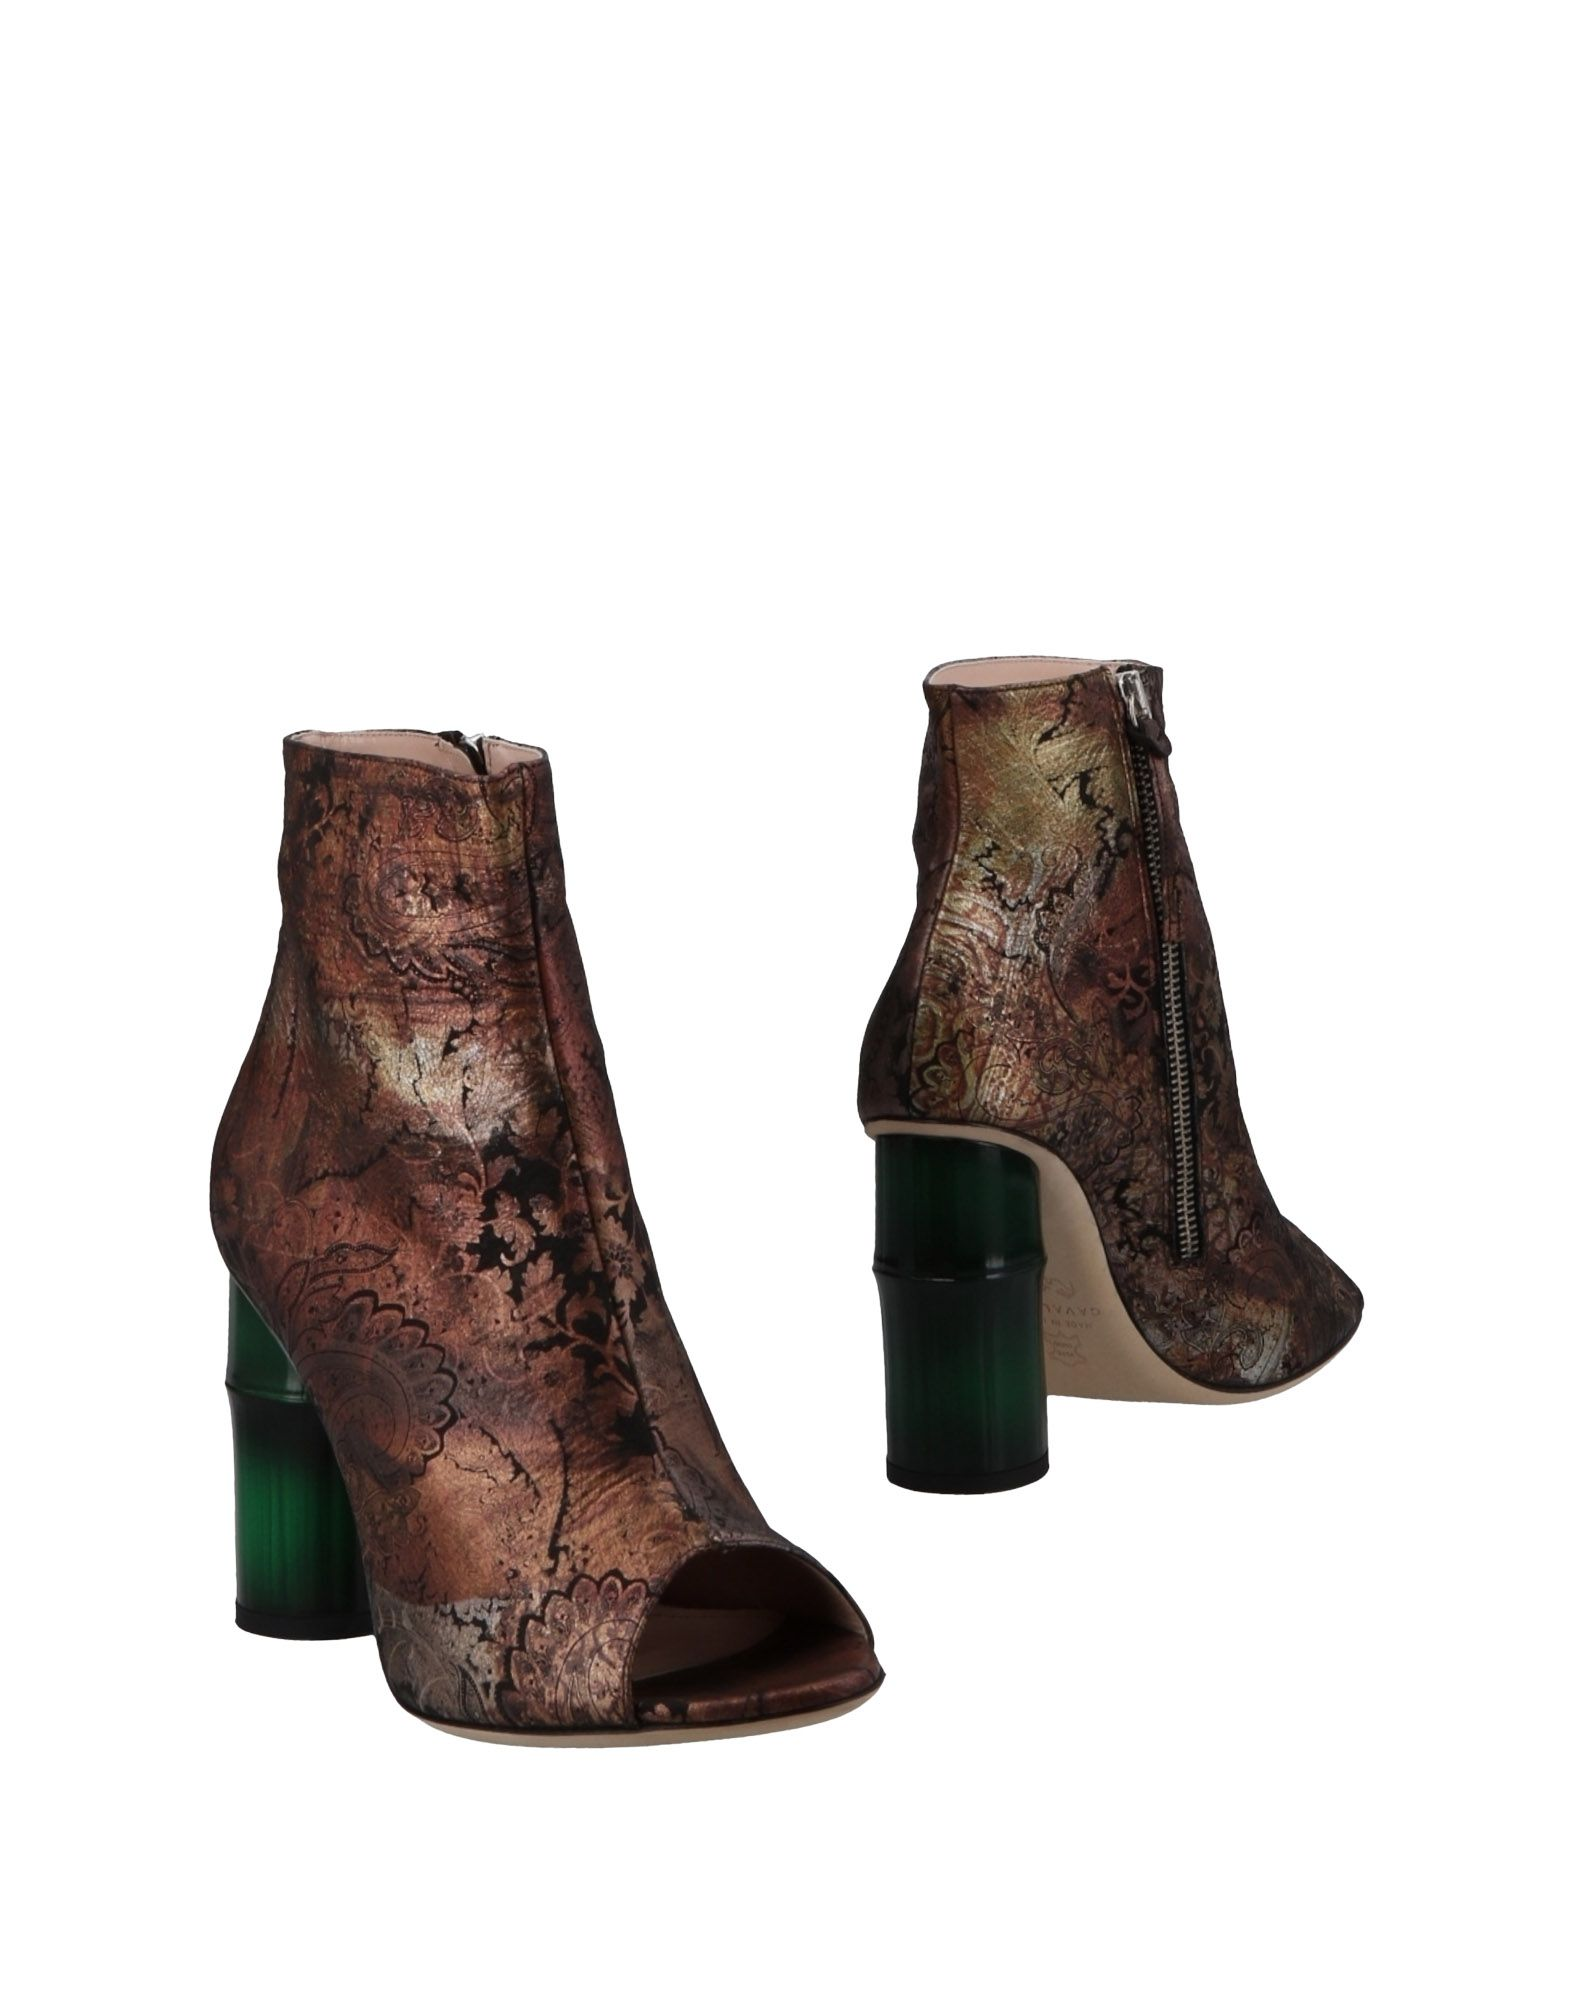 Cavallini Stiefelette Damen  11484209BOGut aussehende strapazierfähige Schuhe